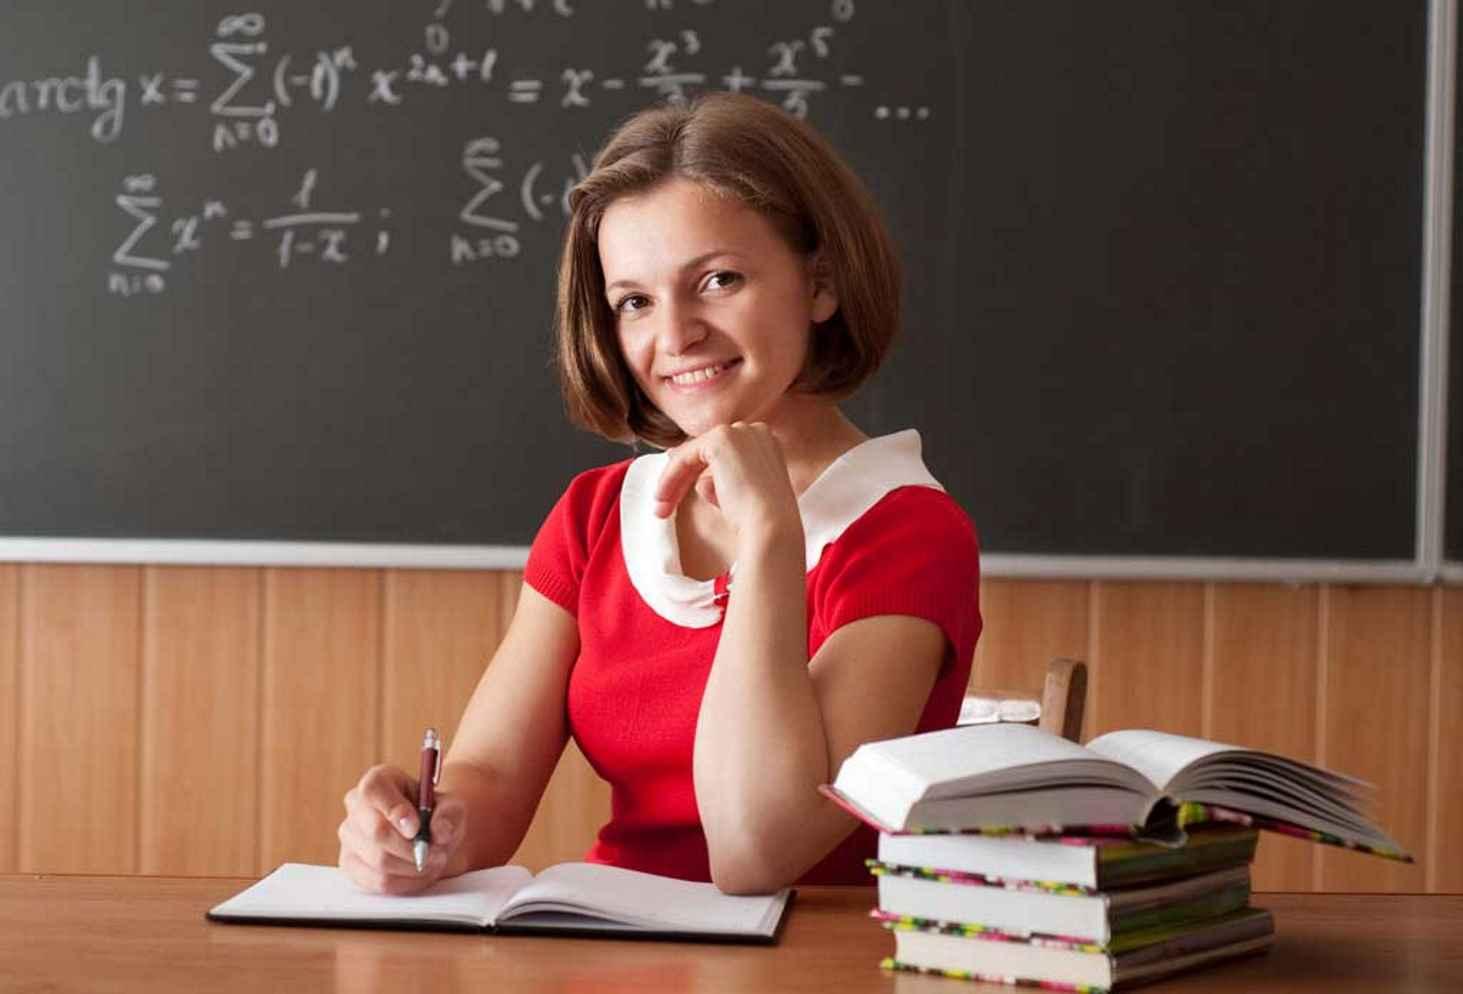 minprosveshheniya-otkroet-v-shkolah-pedagogicheskie-klassy